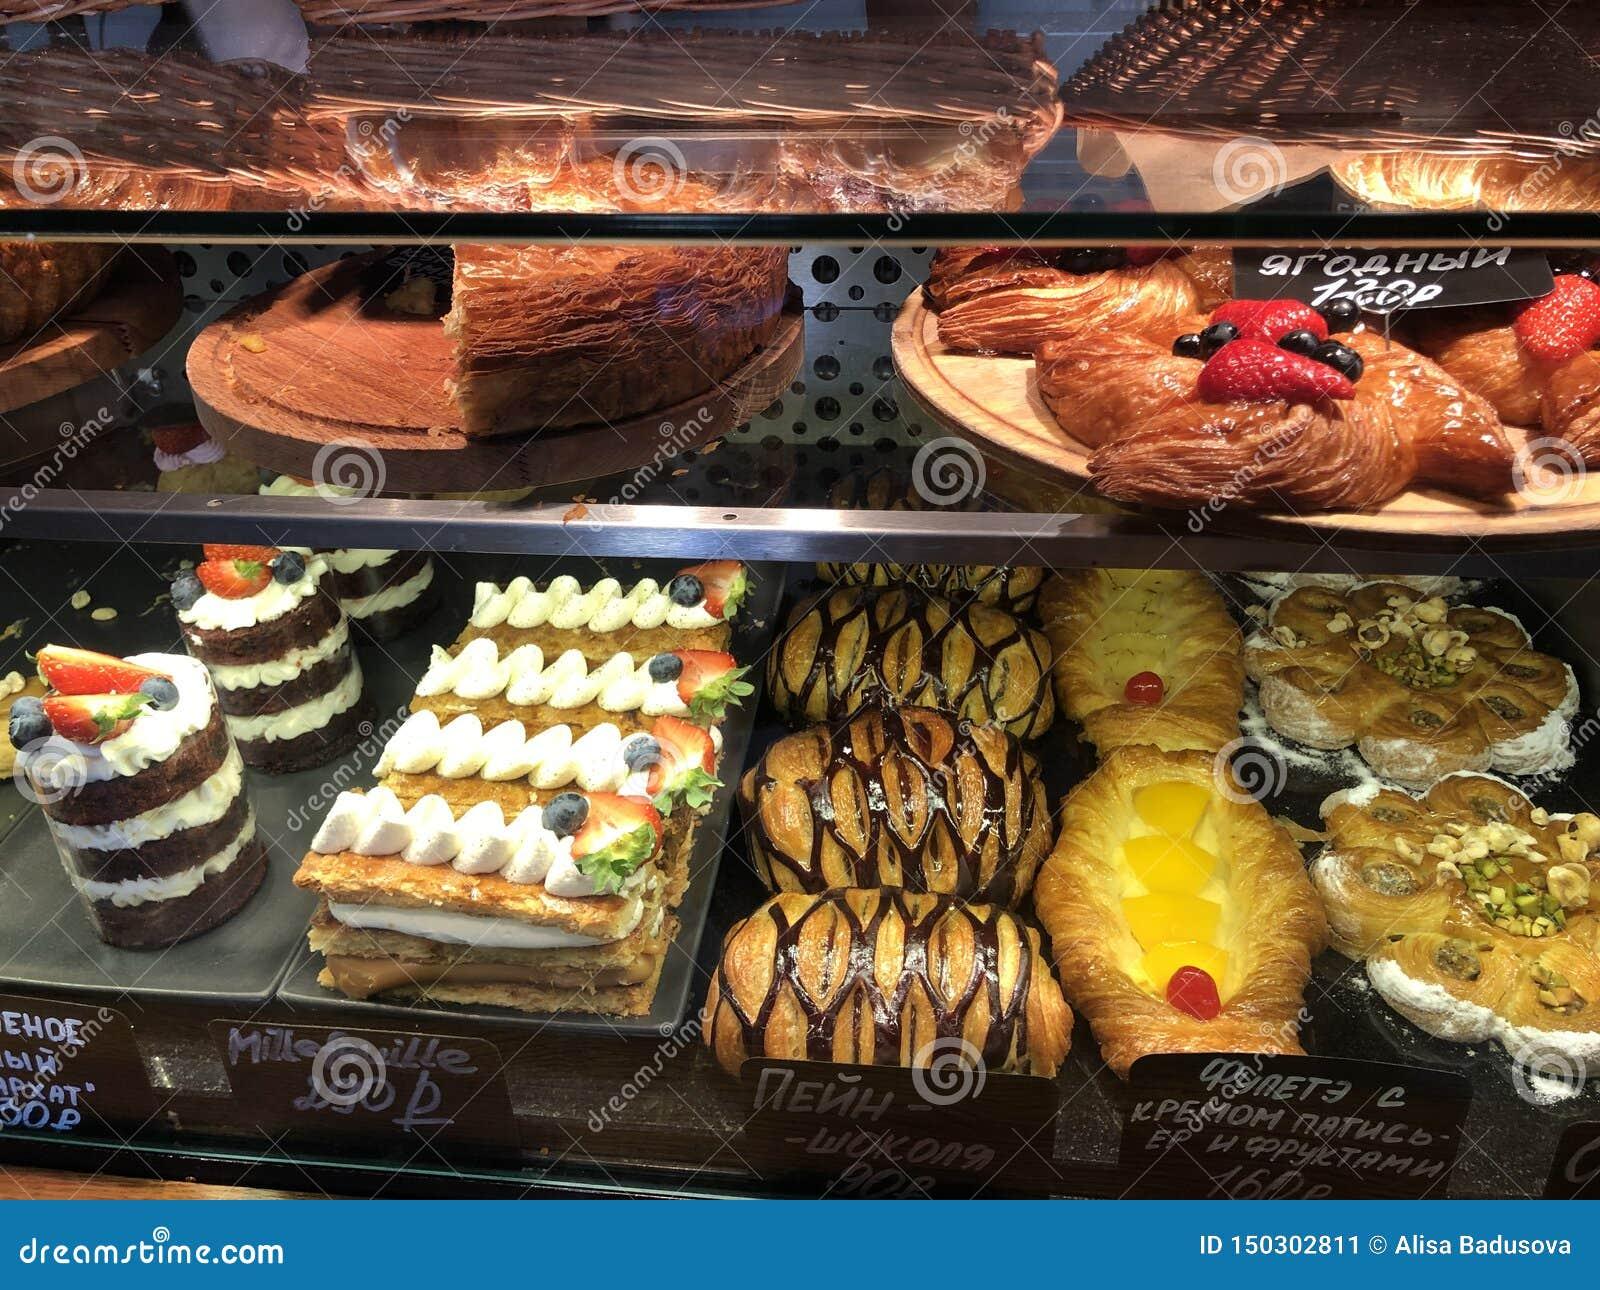 Variedad de postres deliciosos altos en calorías que mienten en la ventana de la panadería